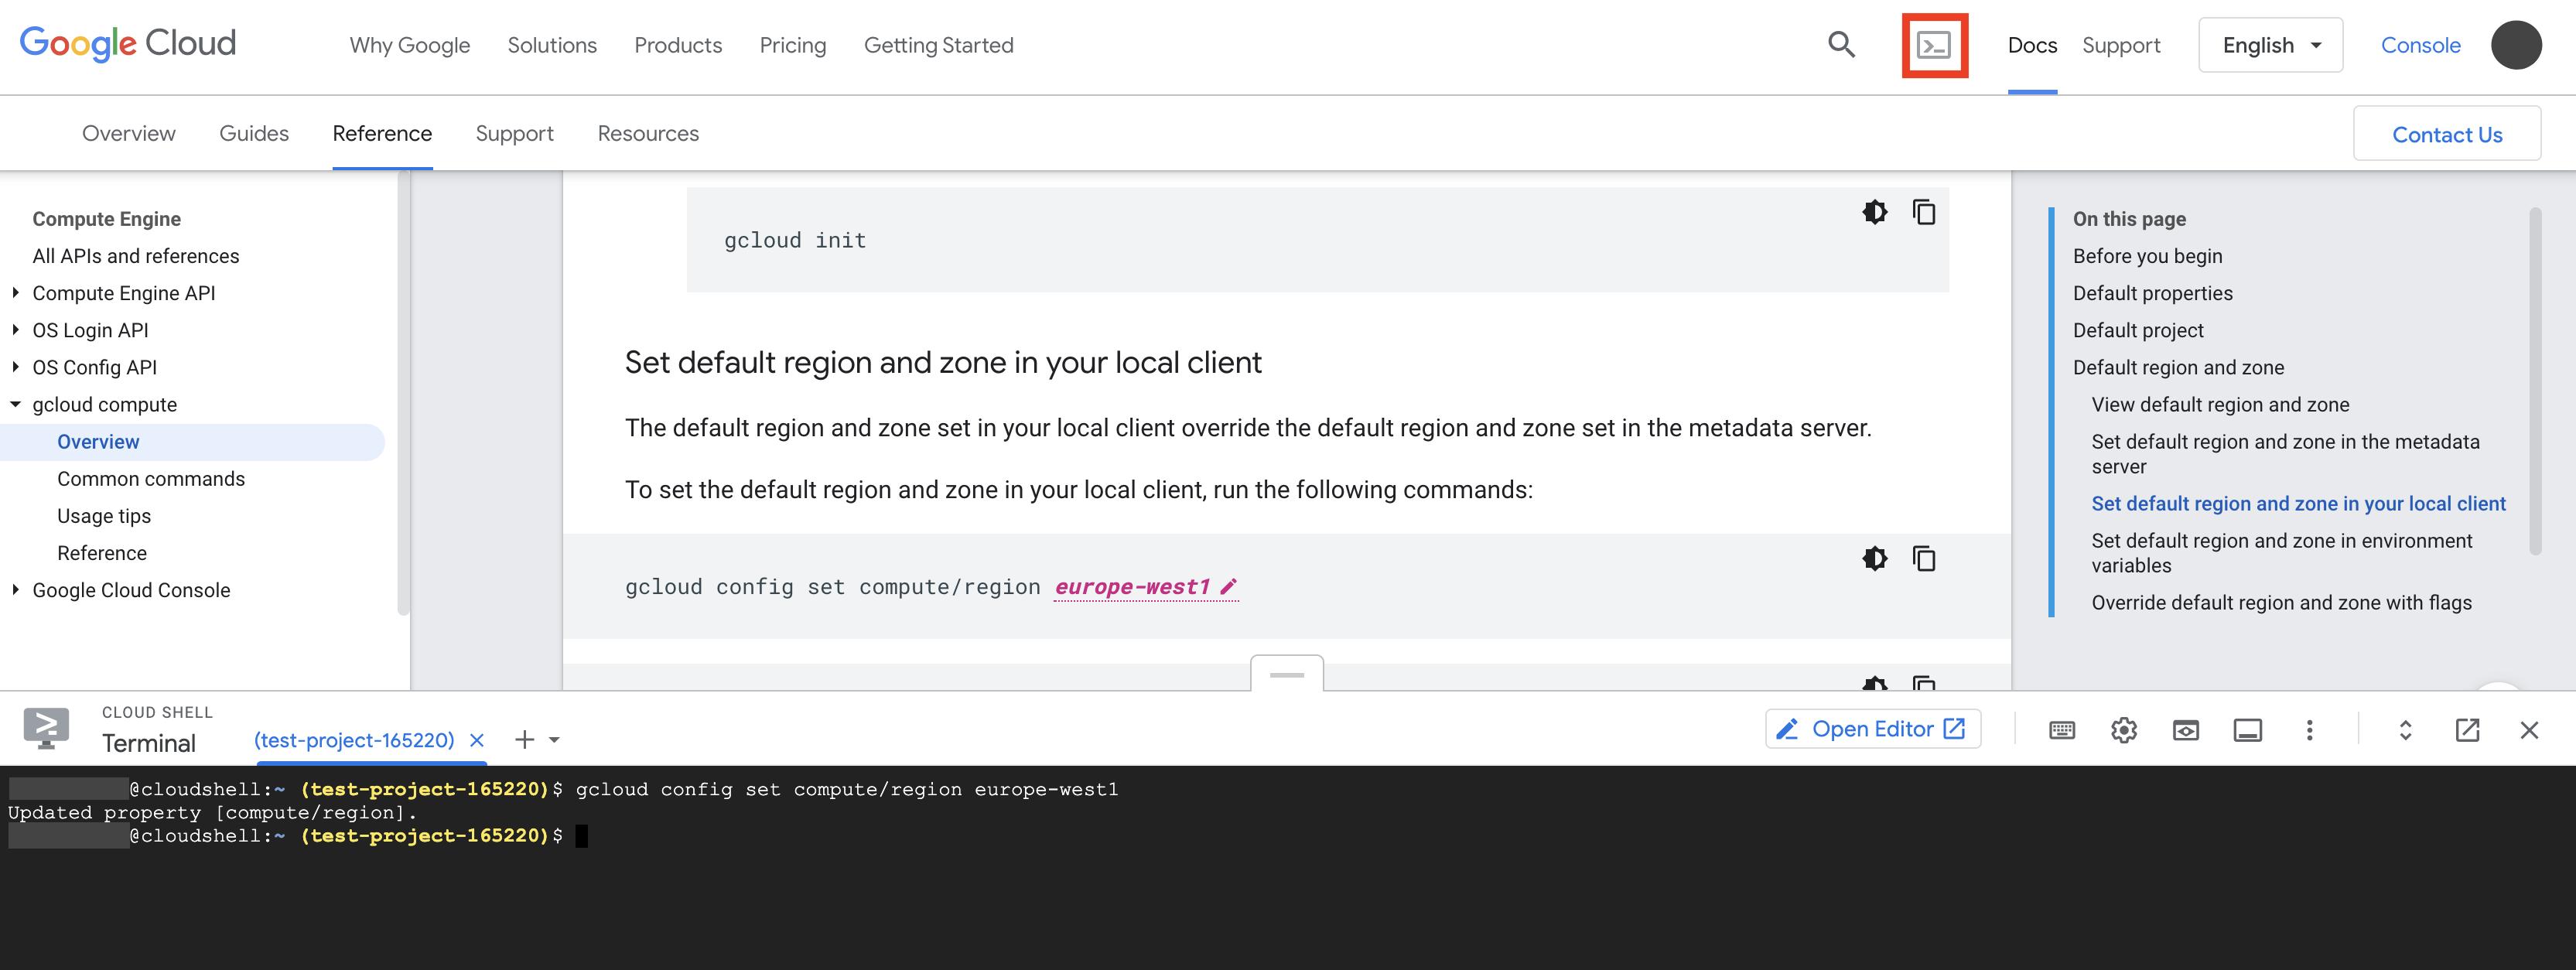 Se inició la terminal de CloudShell en la mitad inferior de la página de documentación, con un ejemplo del comando de gcloud copiado en la terminal de CloudShell